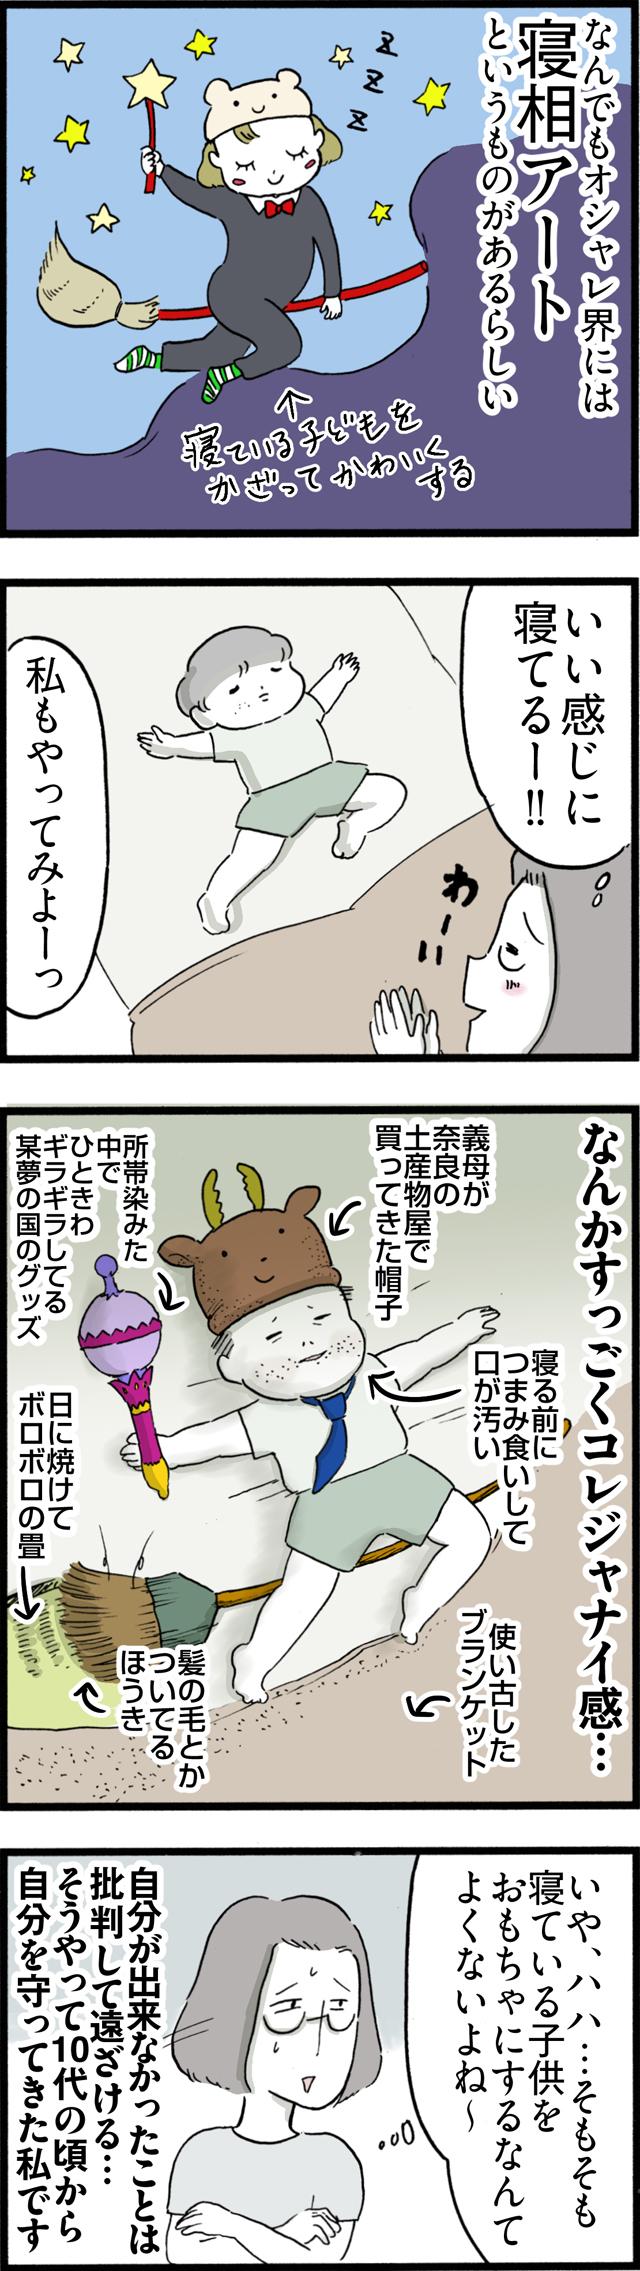 憧れの寝相アートに挑戦!したけど…コレジャナイ感がひどい(笑)の画像8